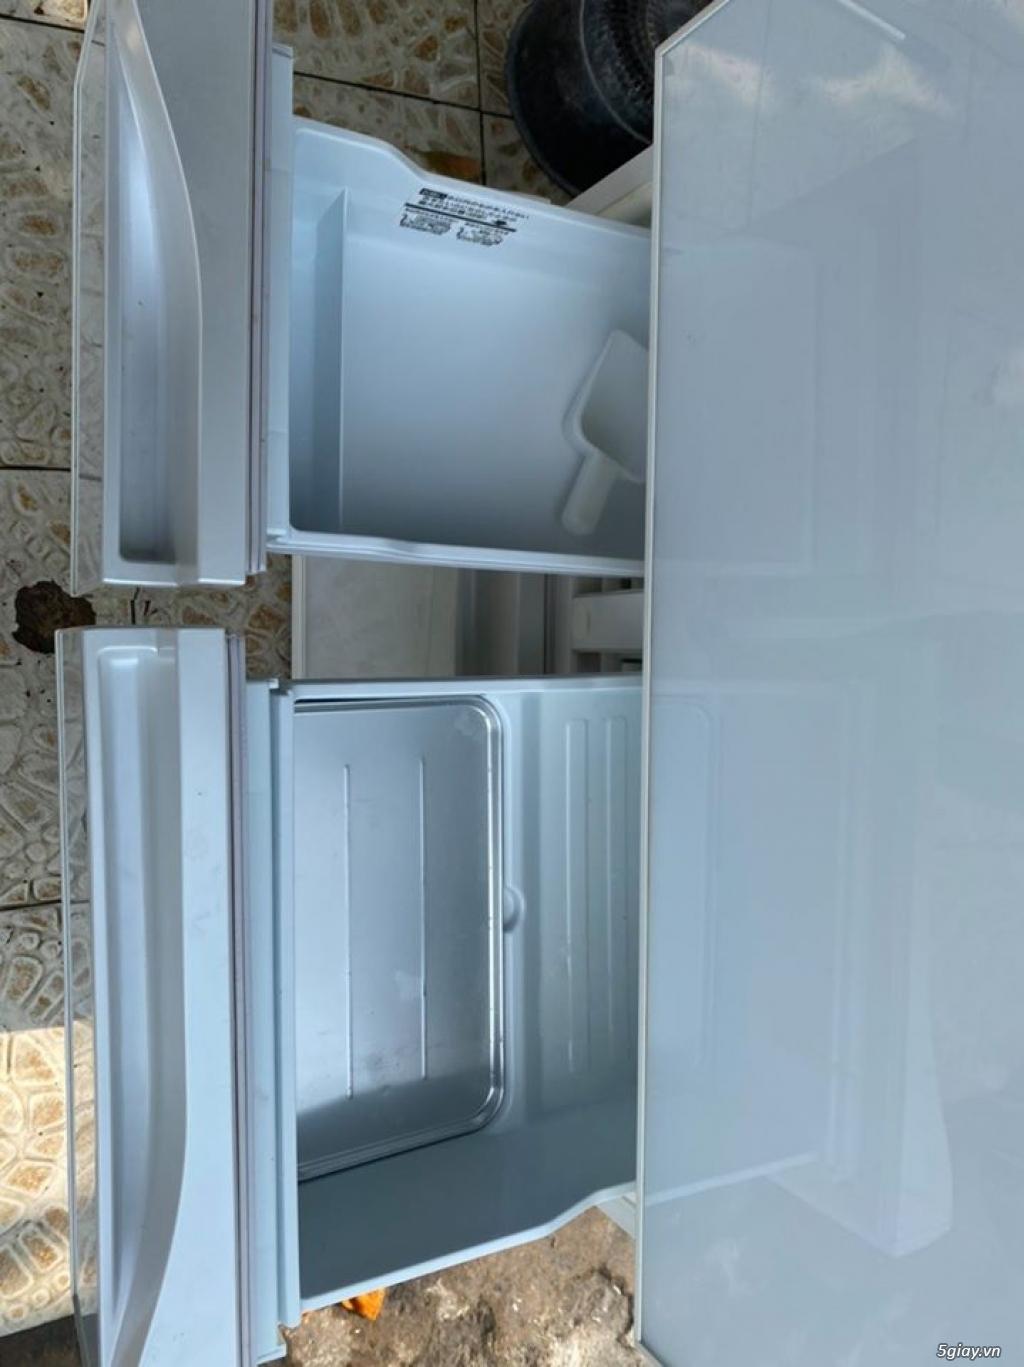 Tủ lạnh TOSHIBA GR - G51FXV (ZW) 510L date 2013, màu trắng - 3